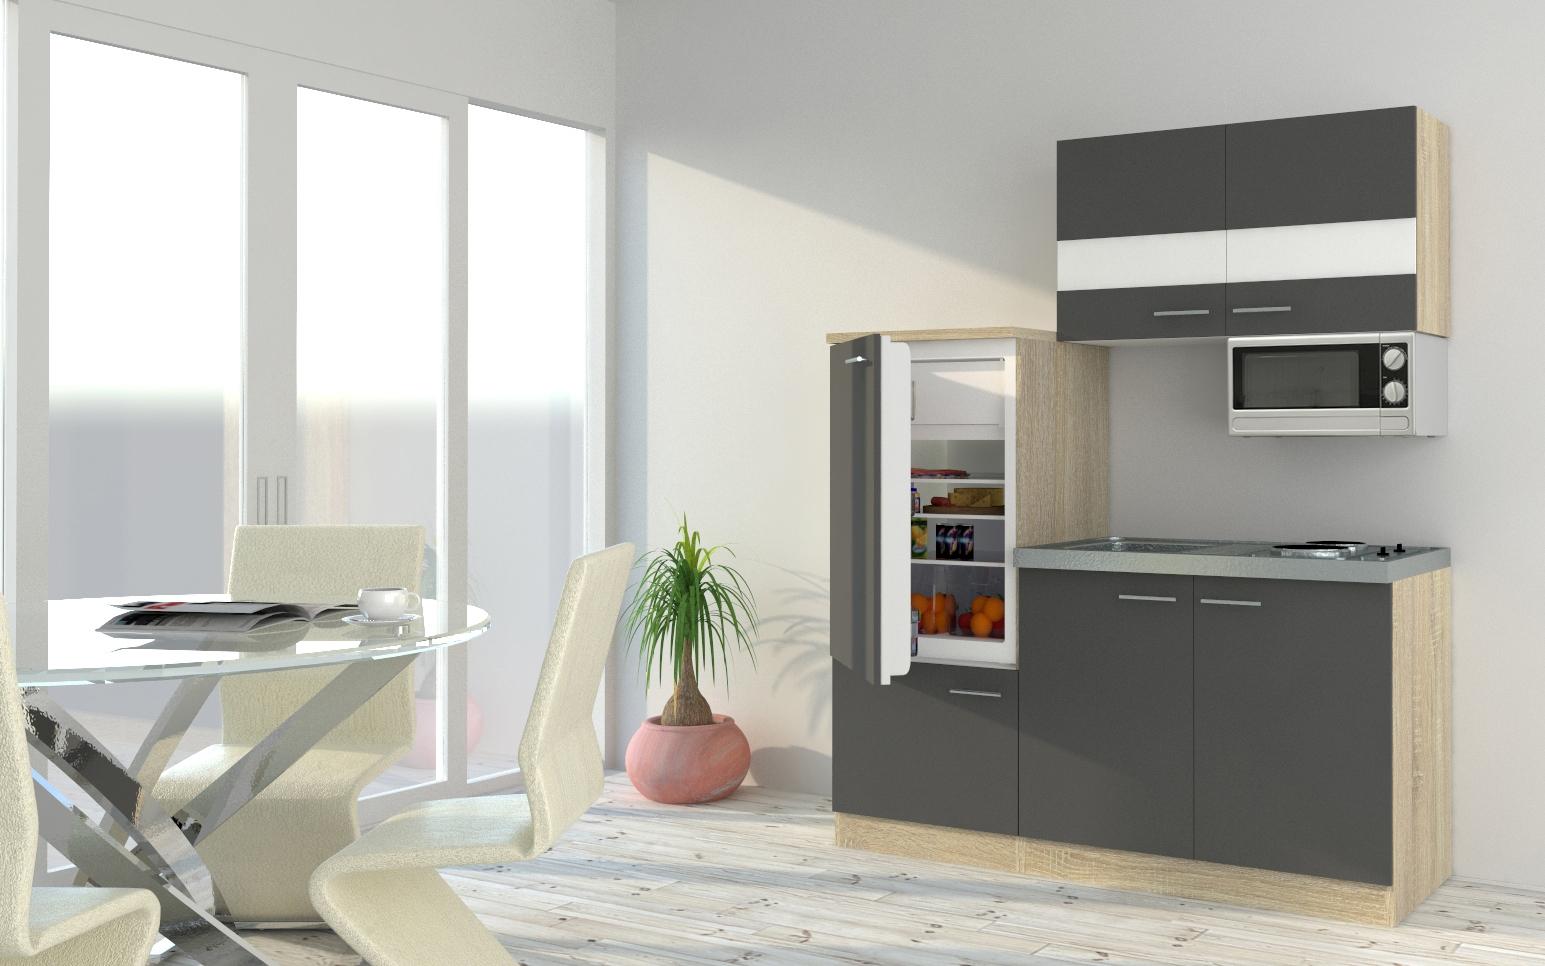 respekta Küchenzeile Küche Singleküche Einbauküche Küchenblock 160 cm Eiche grau